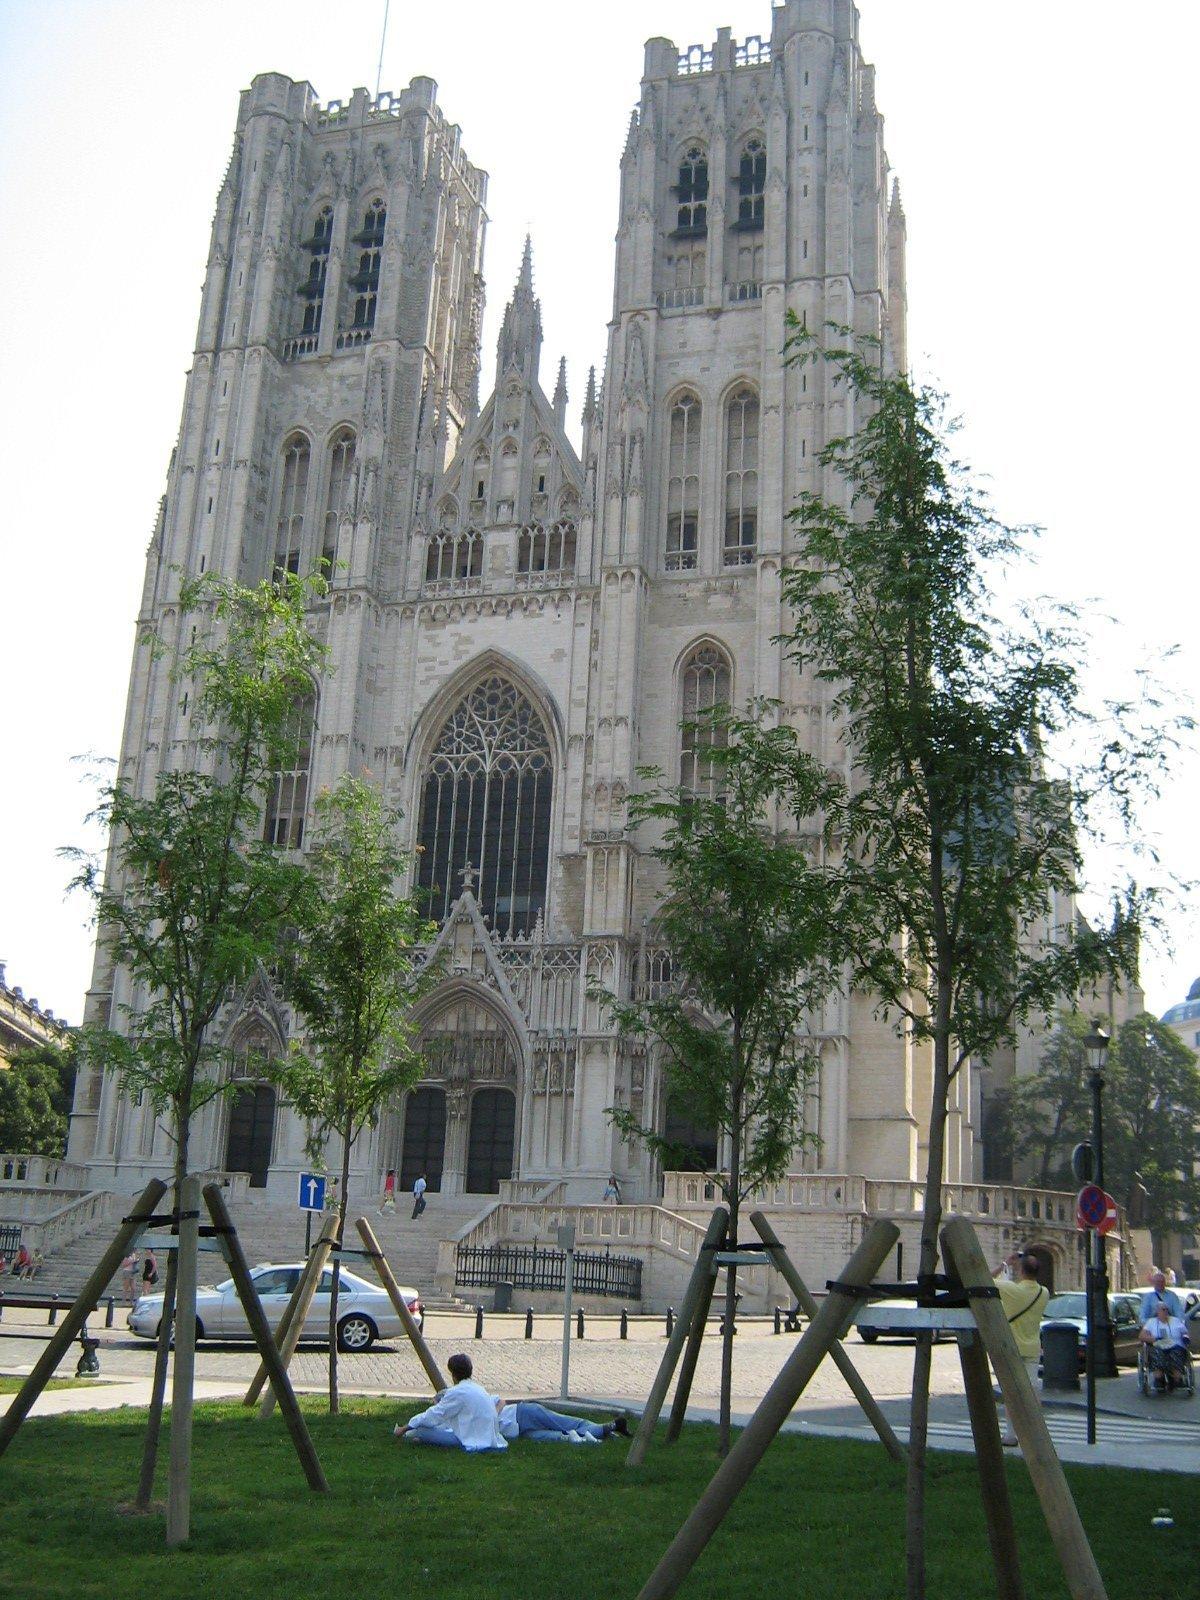 Собор Сен-Мишель-э-Гюдюль, Брюссель, Бельгия. Июль, 2006